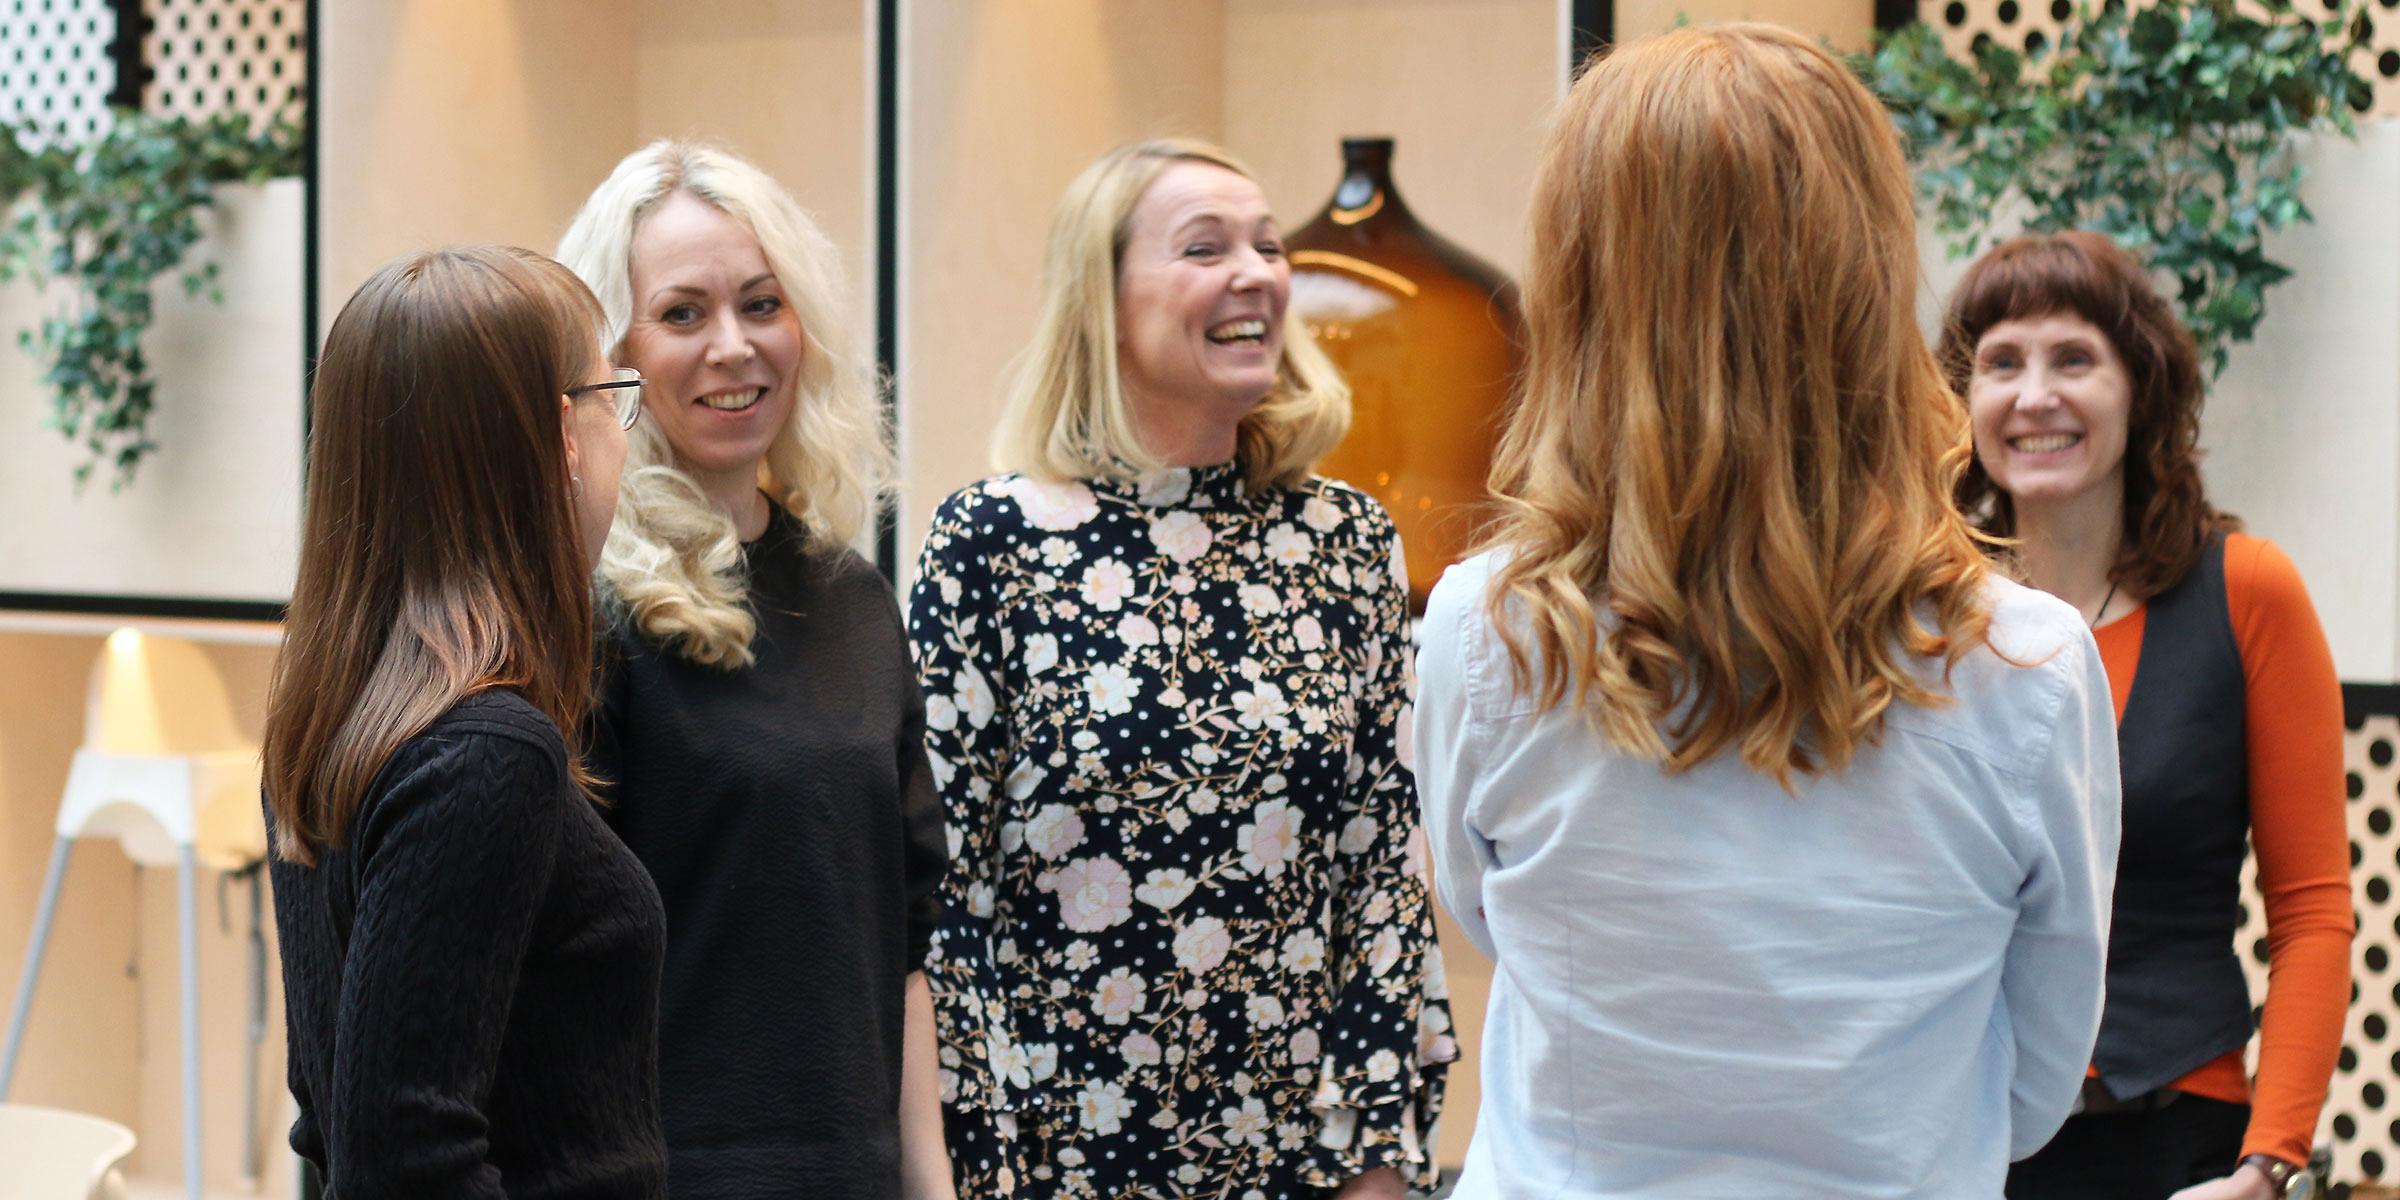 Bredden lockar kvinnor till Dizparc. På bilden syns Anna Nabb, Hanna Olsson, Helena Fransson, Lisa Naréus och Maria Söderlund.